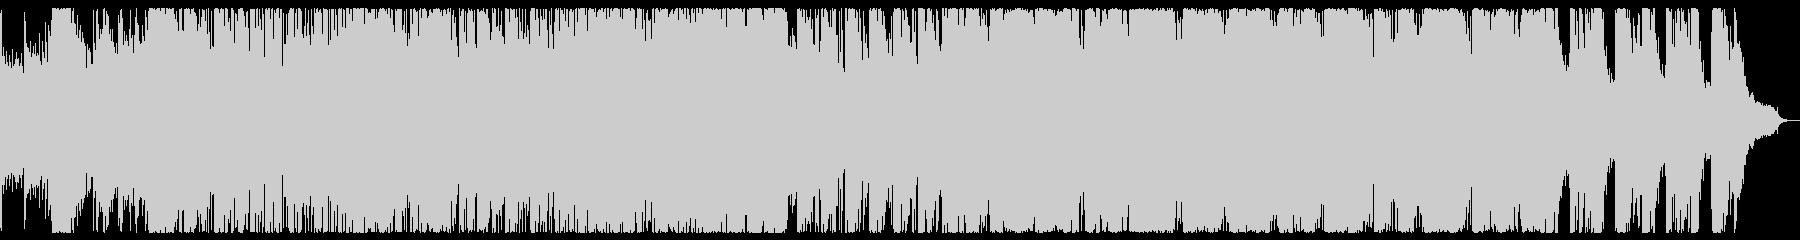 暗い哀愁・混沌・迫力のサントラ系楽曲の未再生の波形